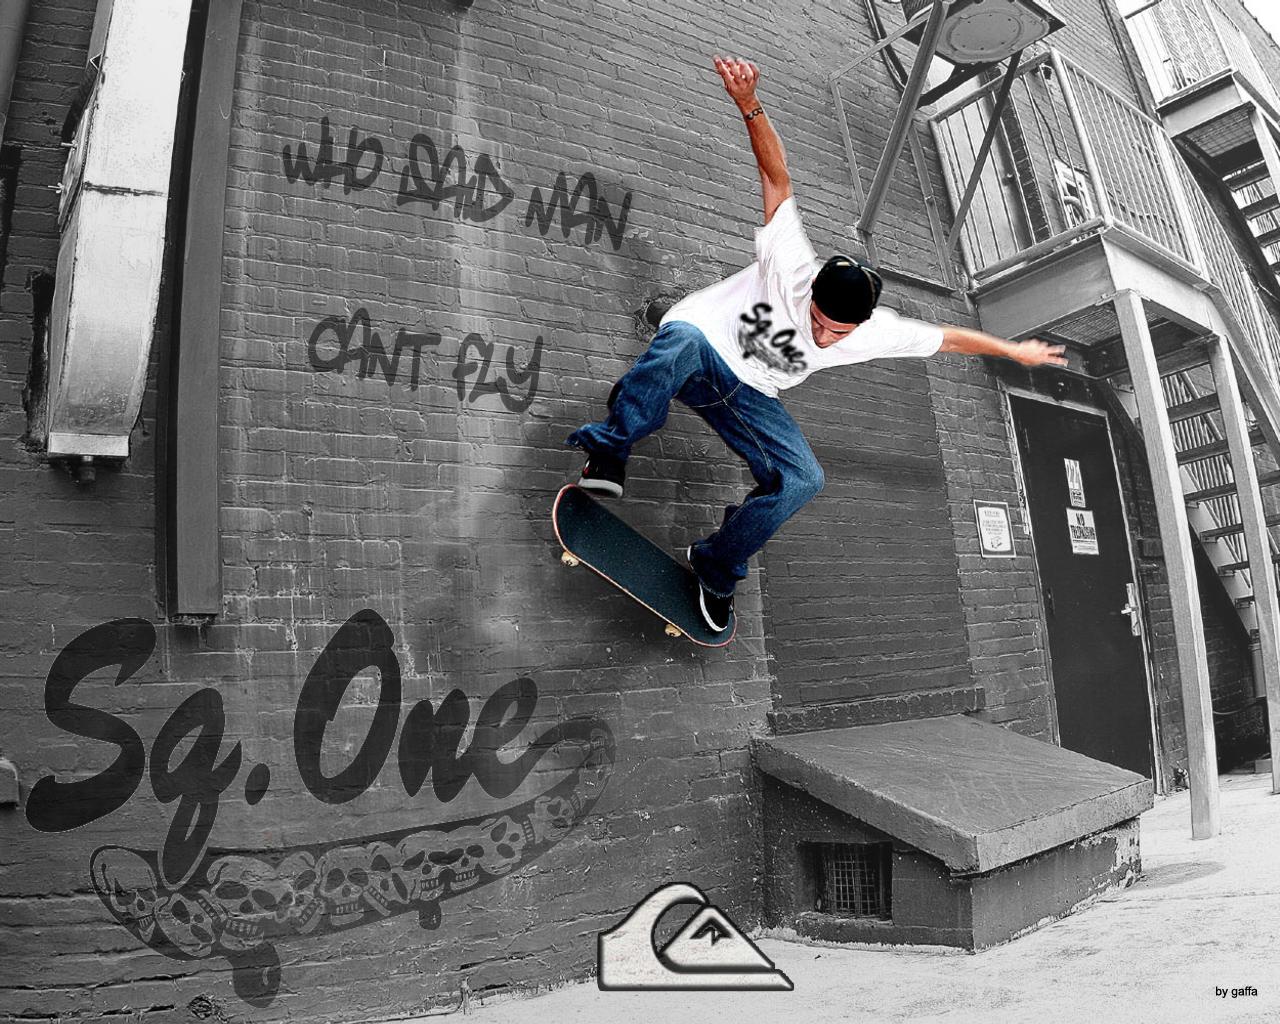 hd wallpapers skateboarding wallpapers hd wallpapers skateboarding hd 1280x1024